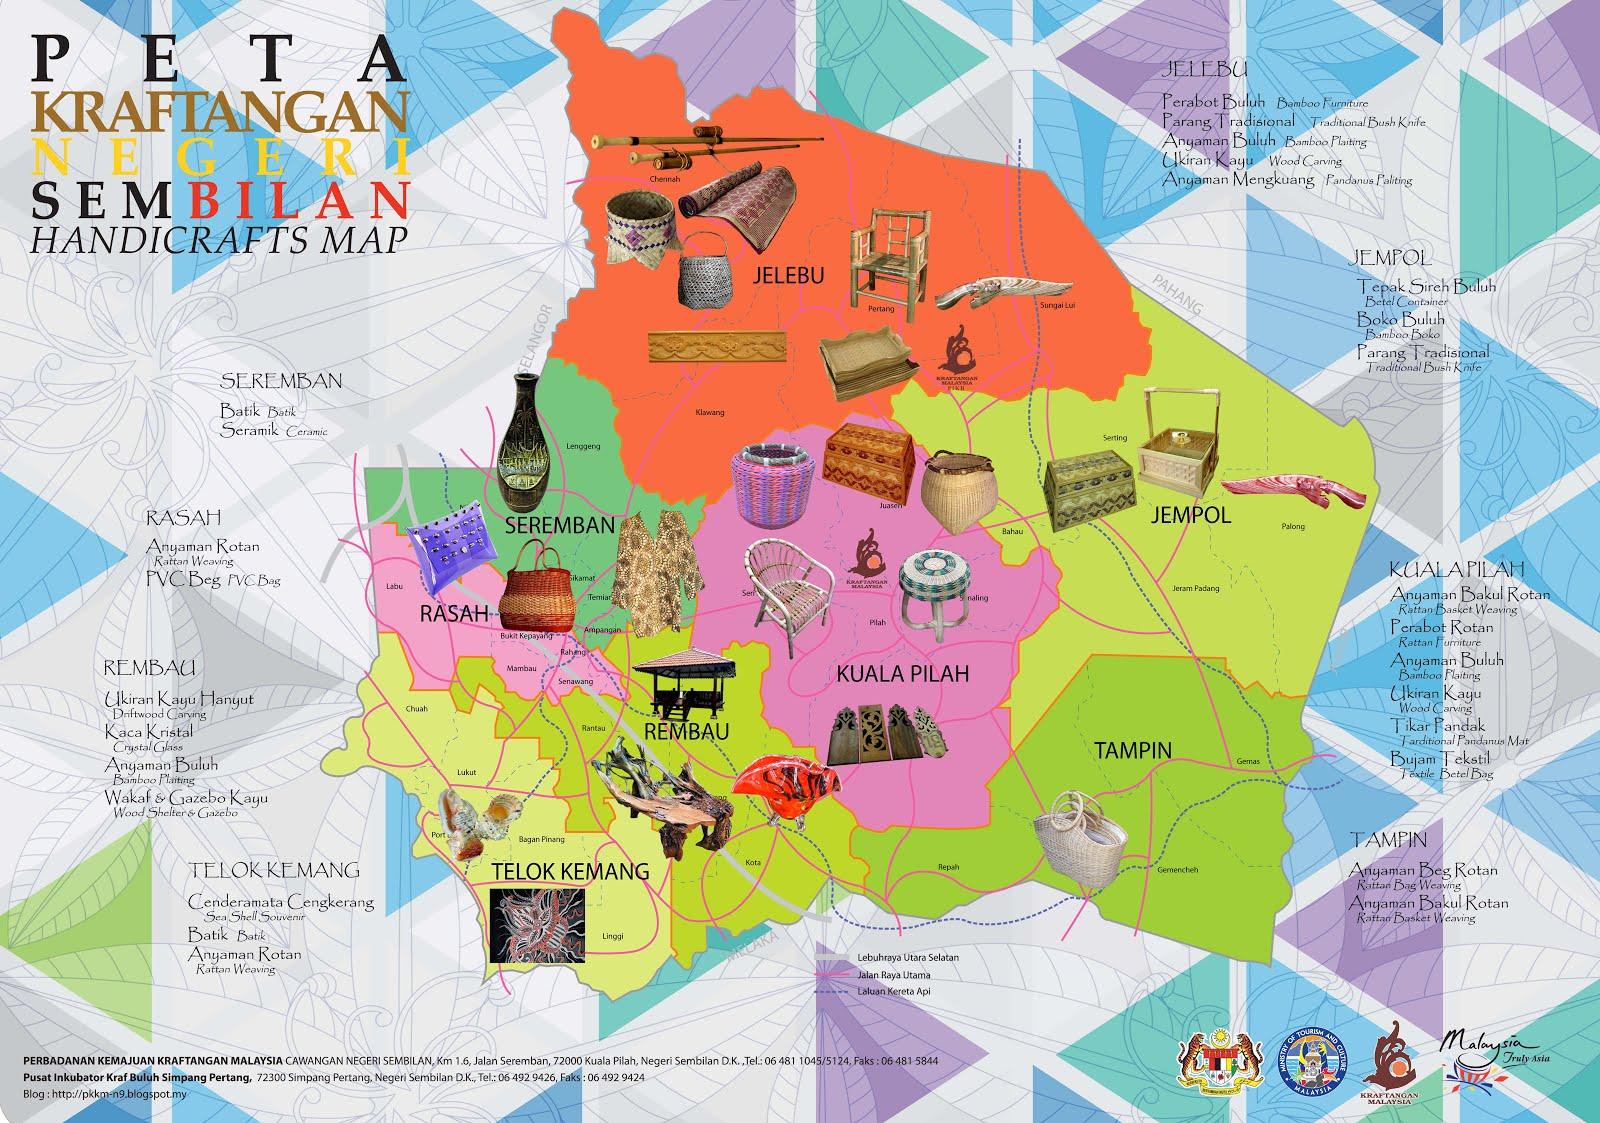 Peta Produk Kraftangan Negeri Sembilan